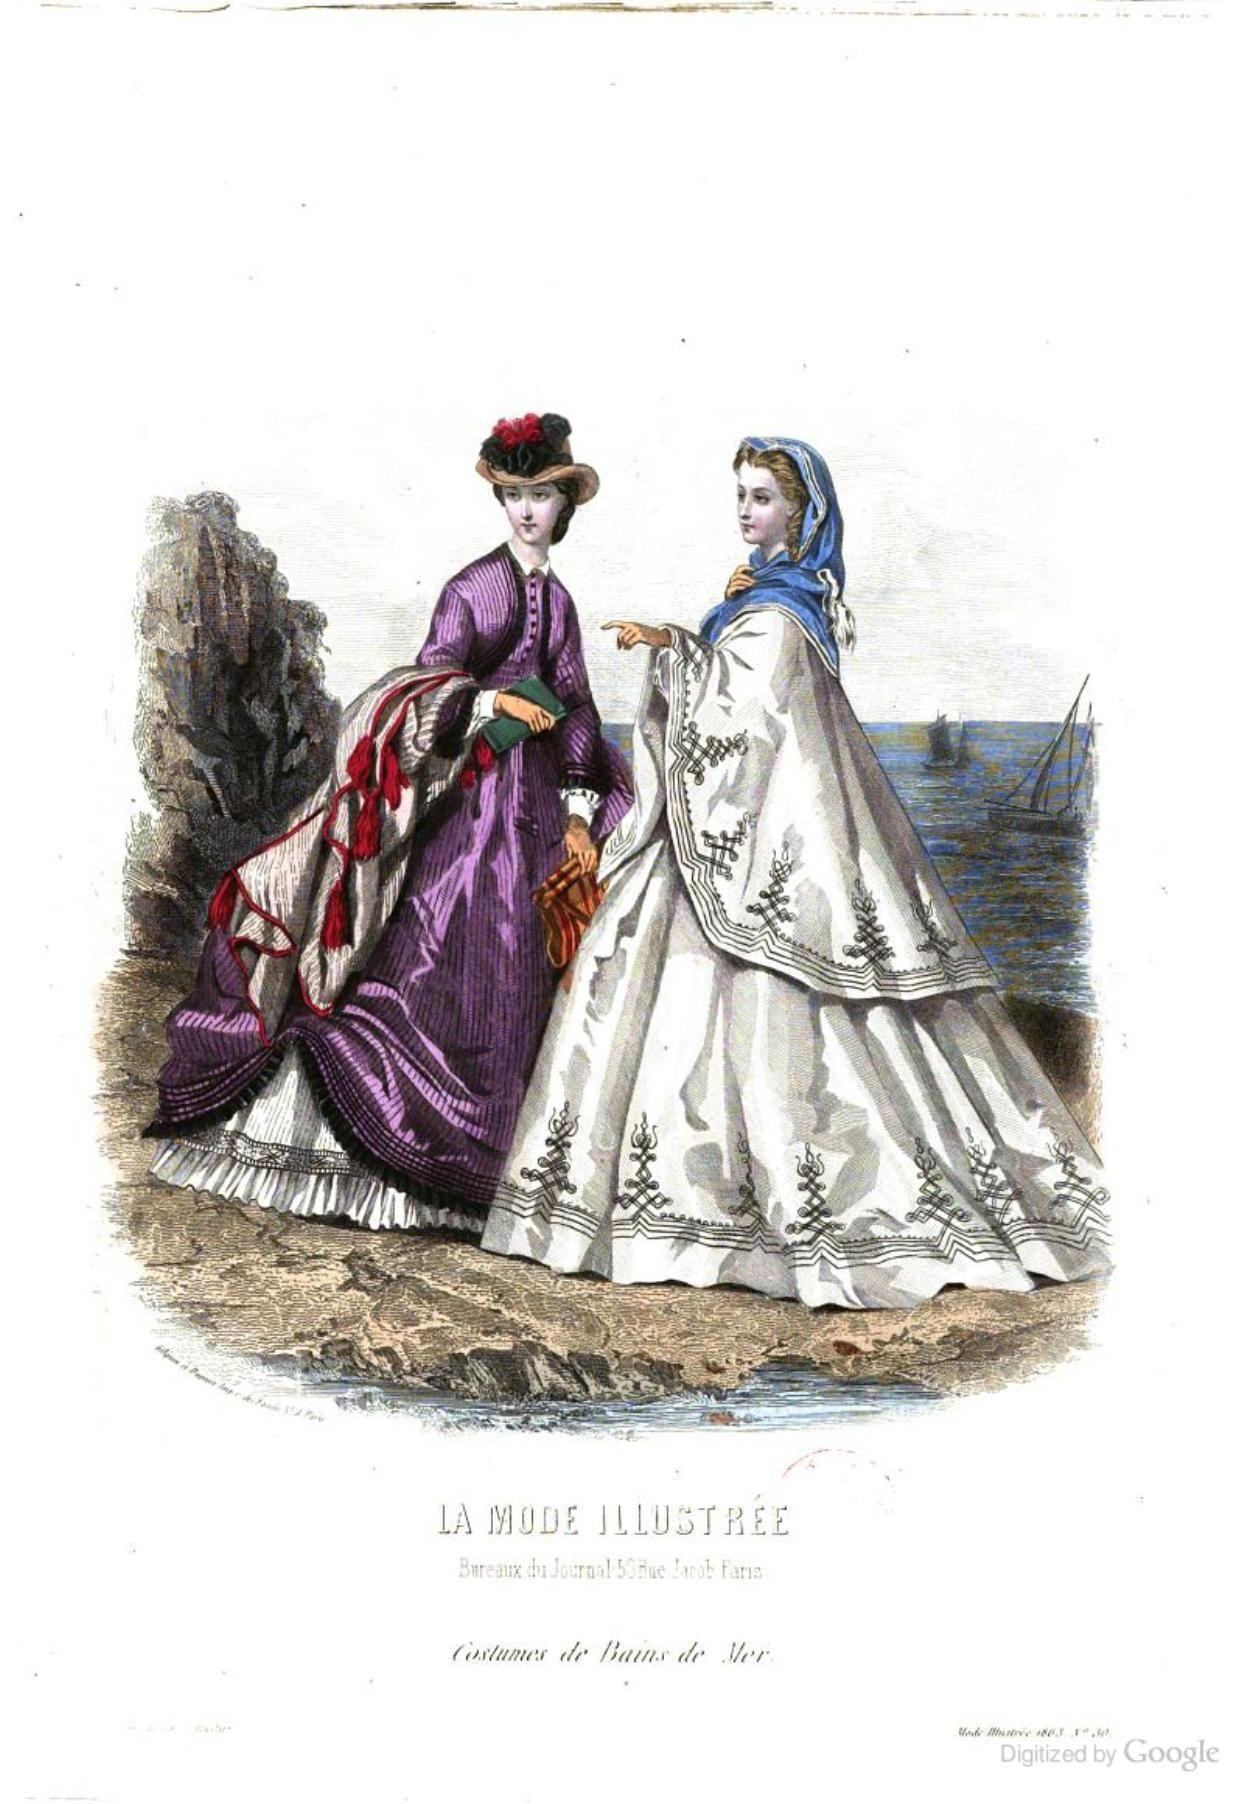 1863 Jul La Mode illustrée